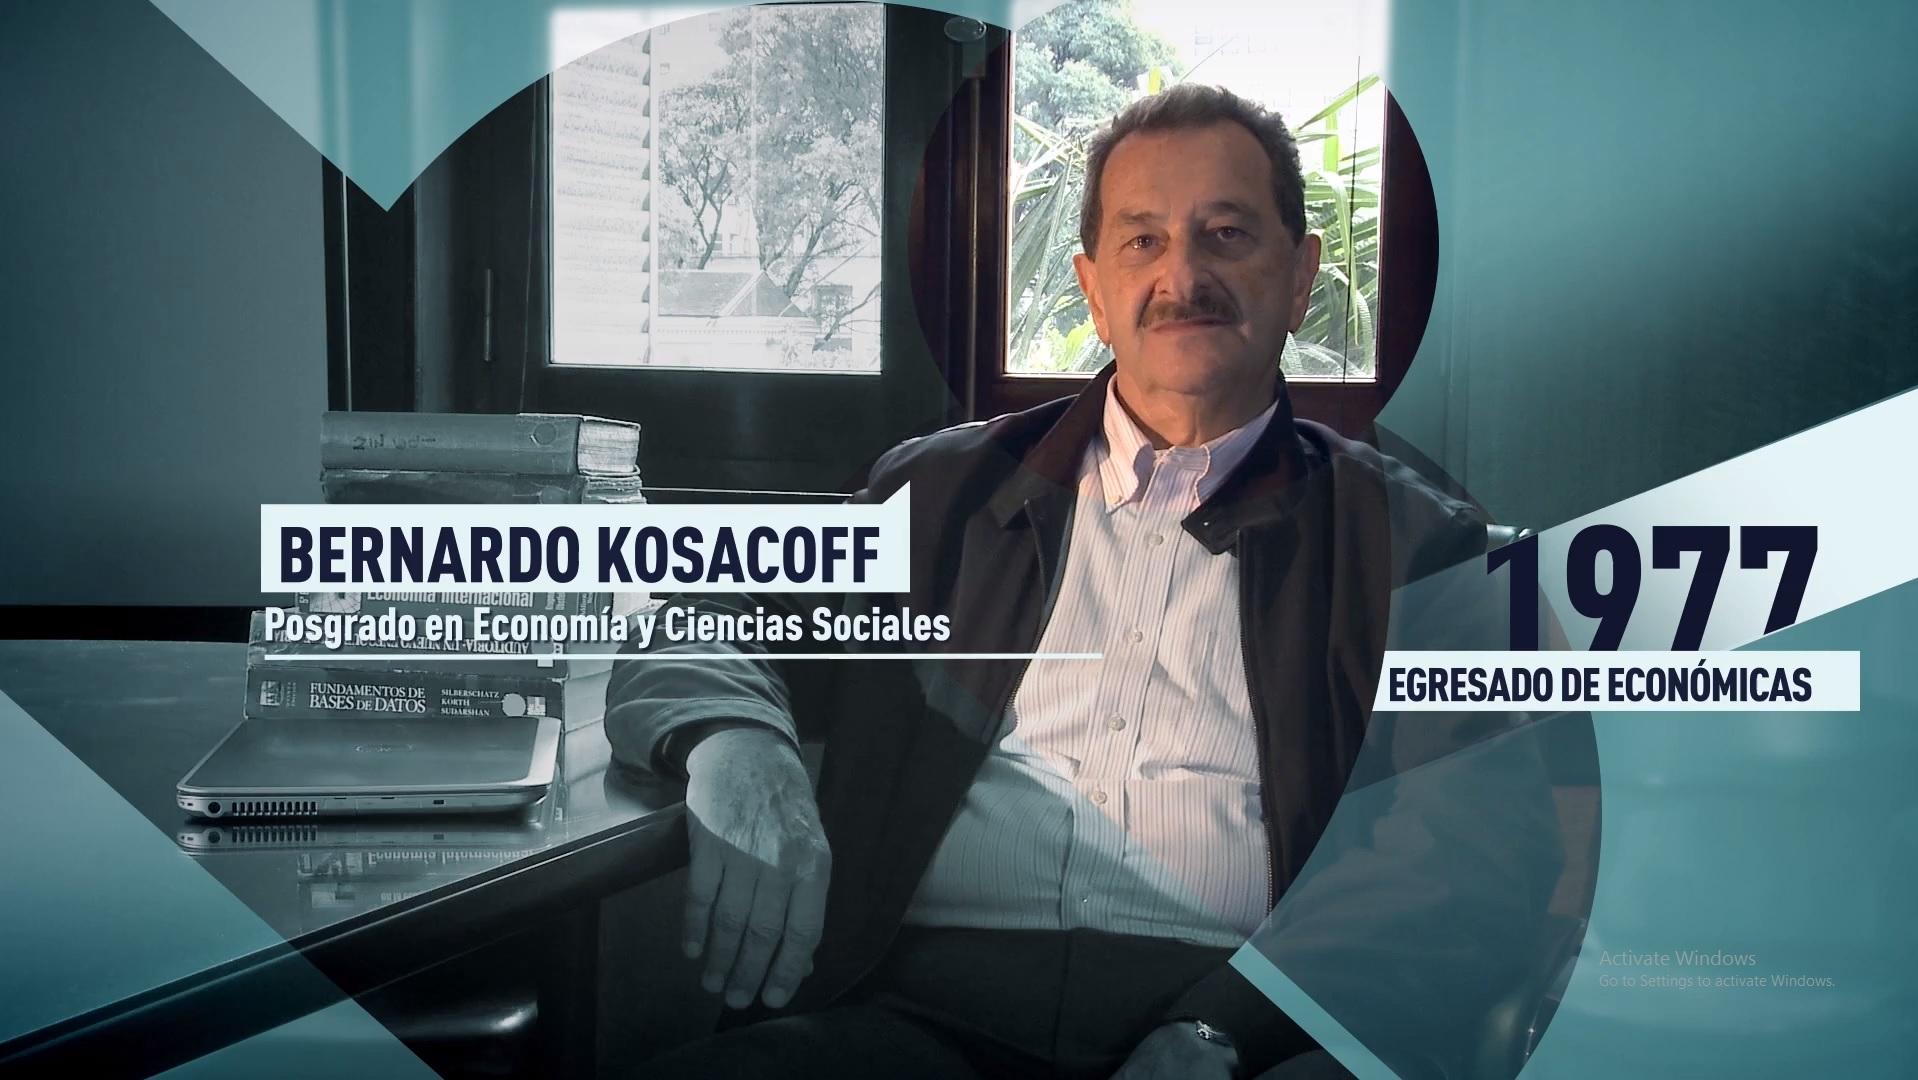 Soy UBA Económicas - Bernardo Kosacoff